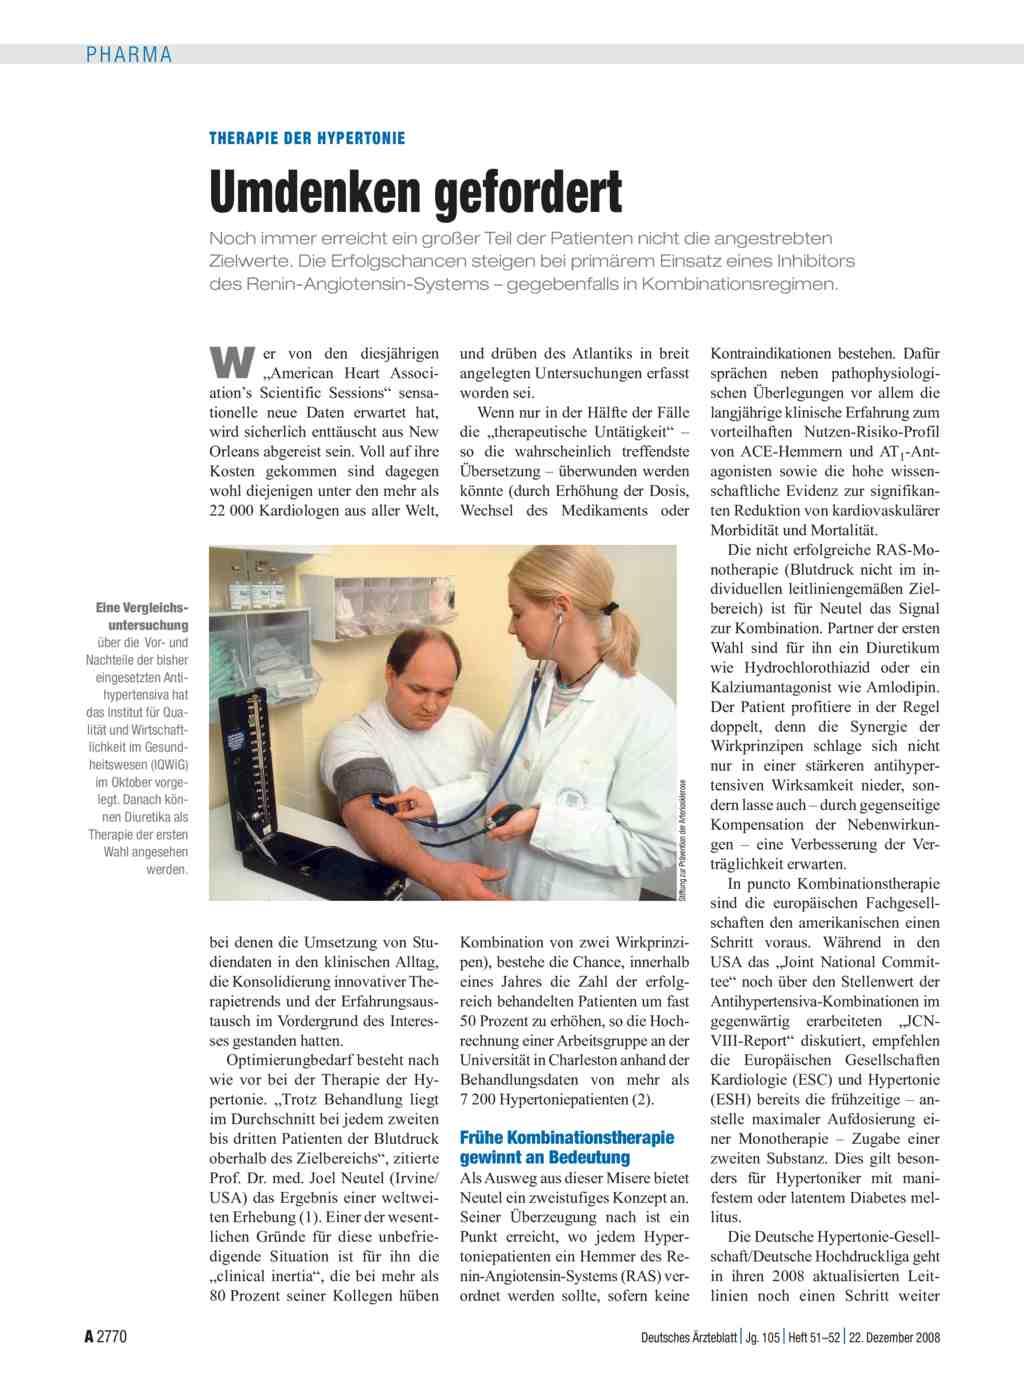 Therapie der Hypertonie: Umdenken gefordert